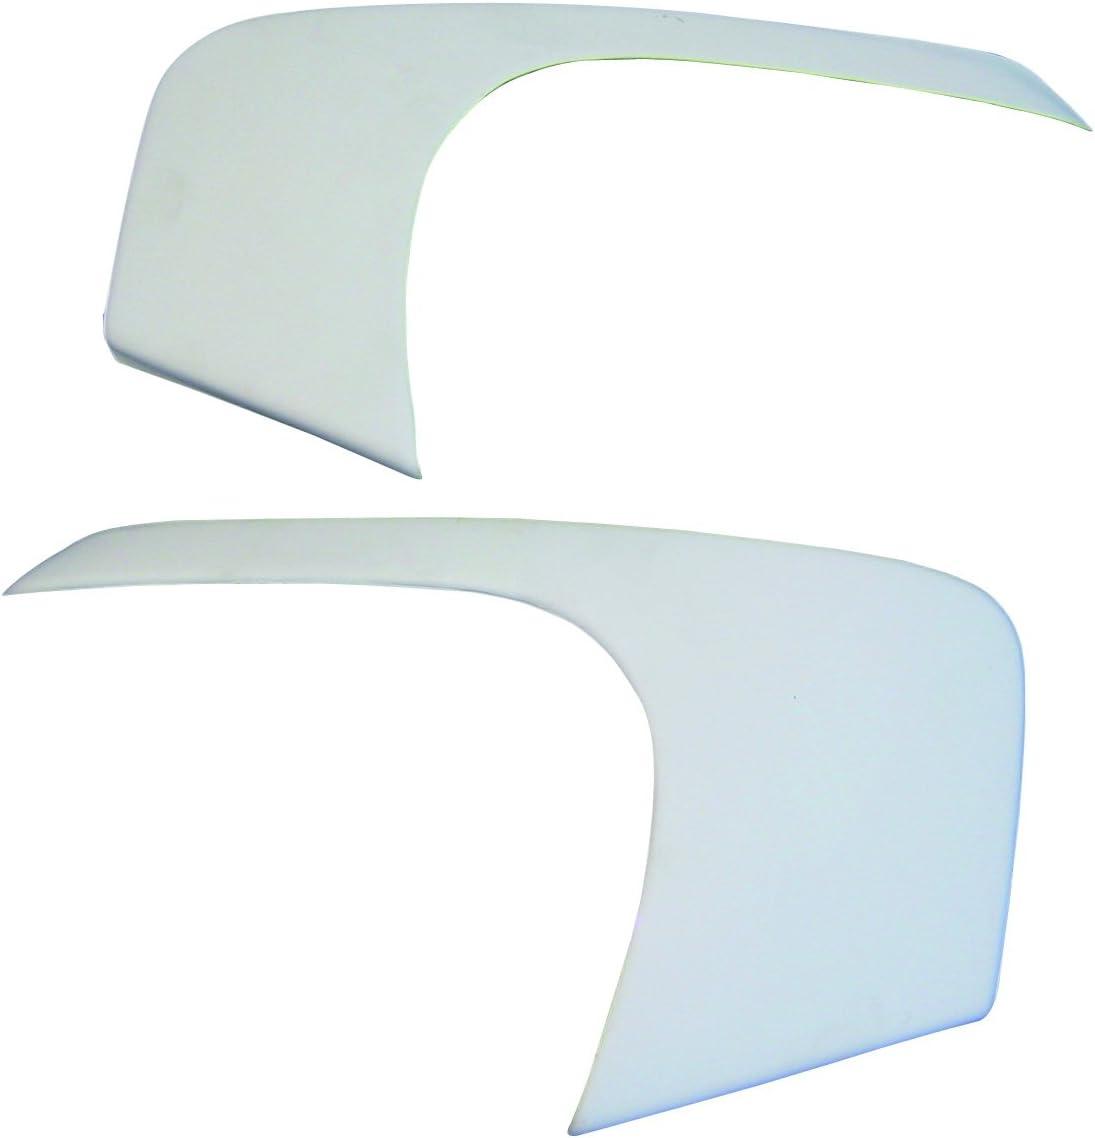 Bertucci Tuning PCT100 Headlight Covers